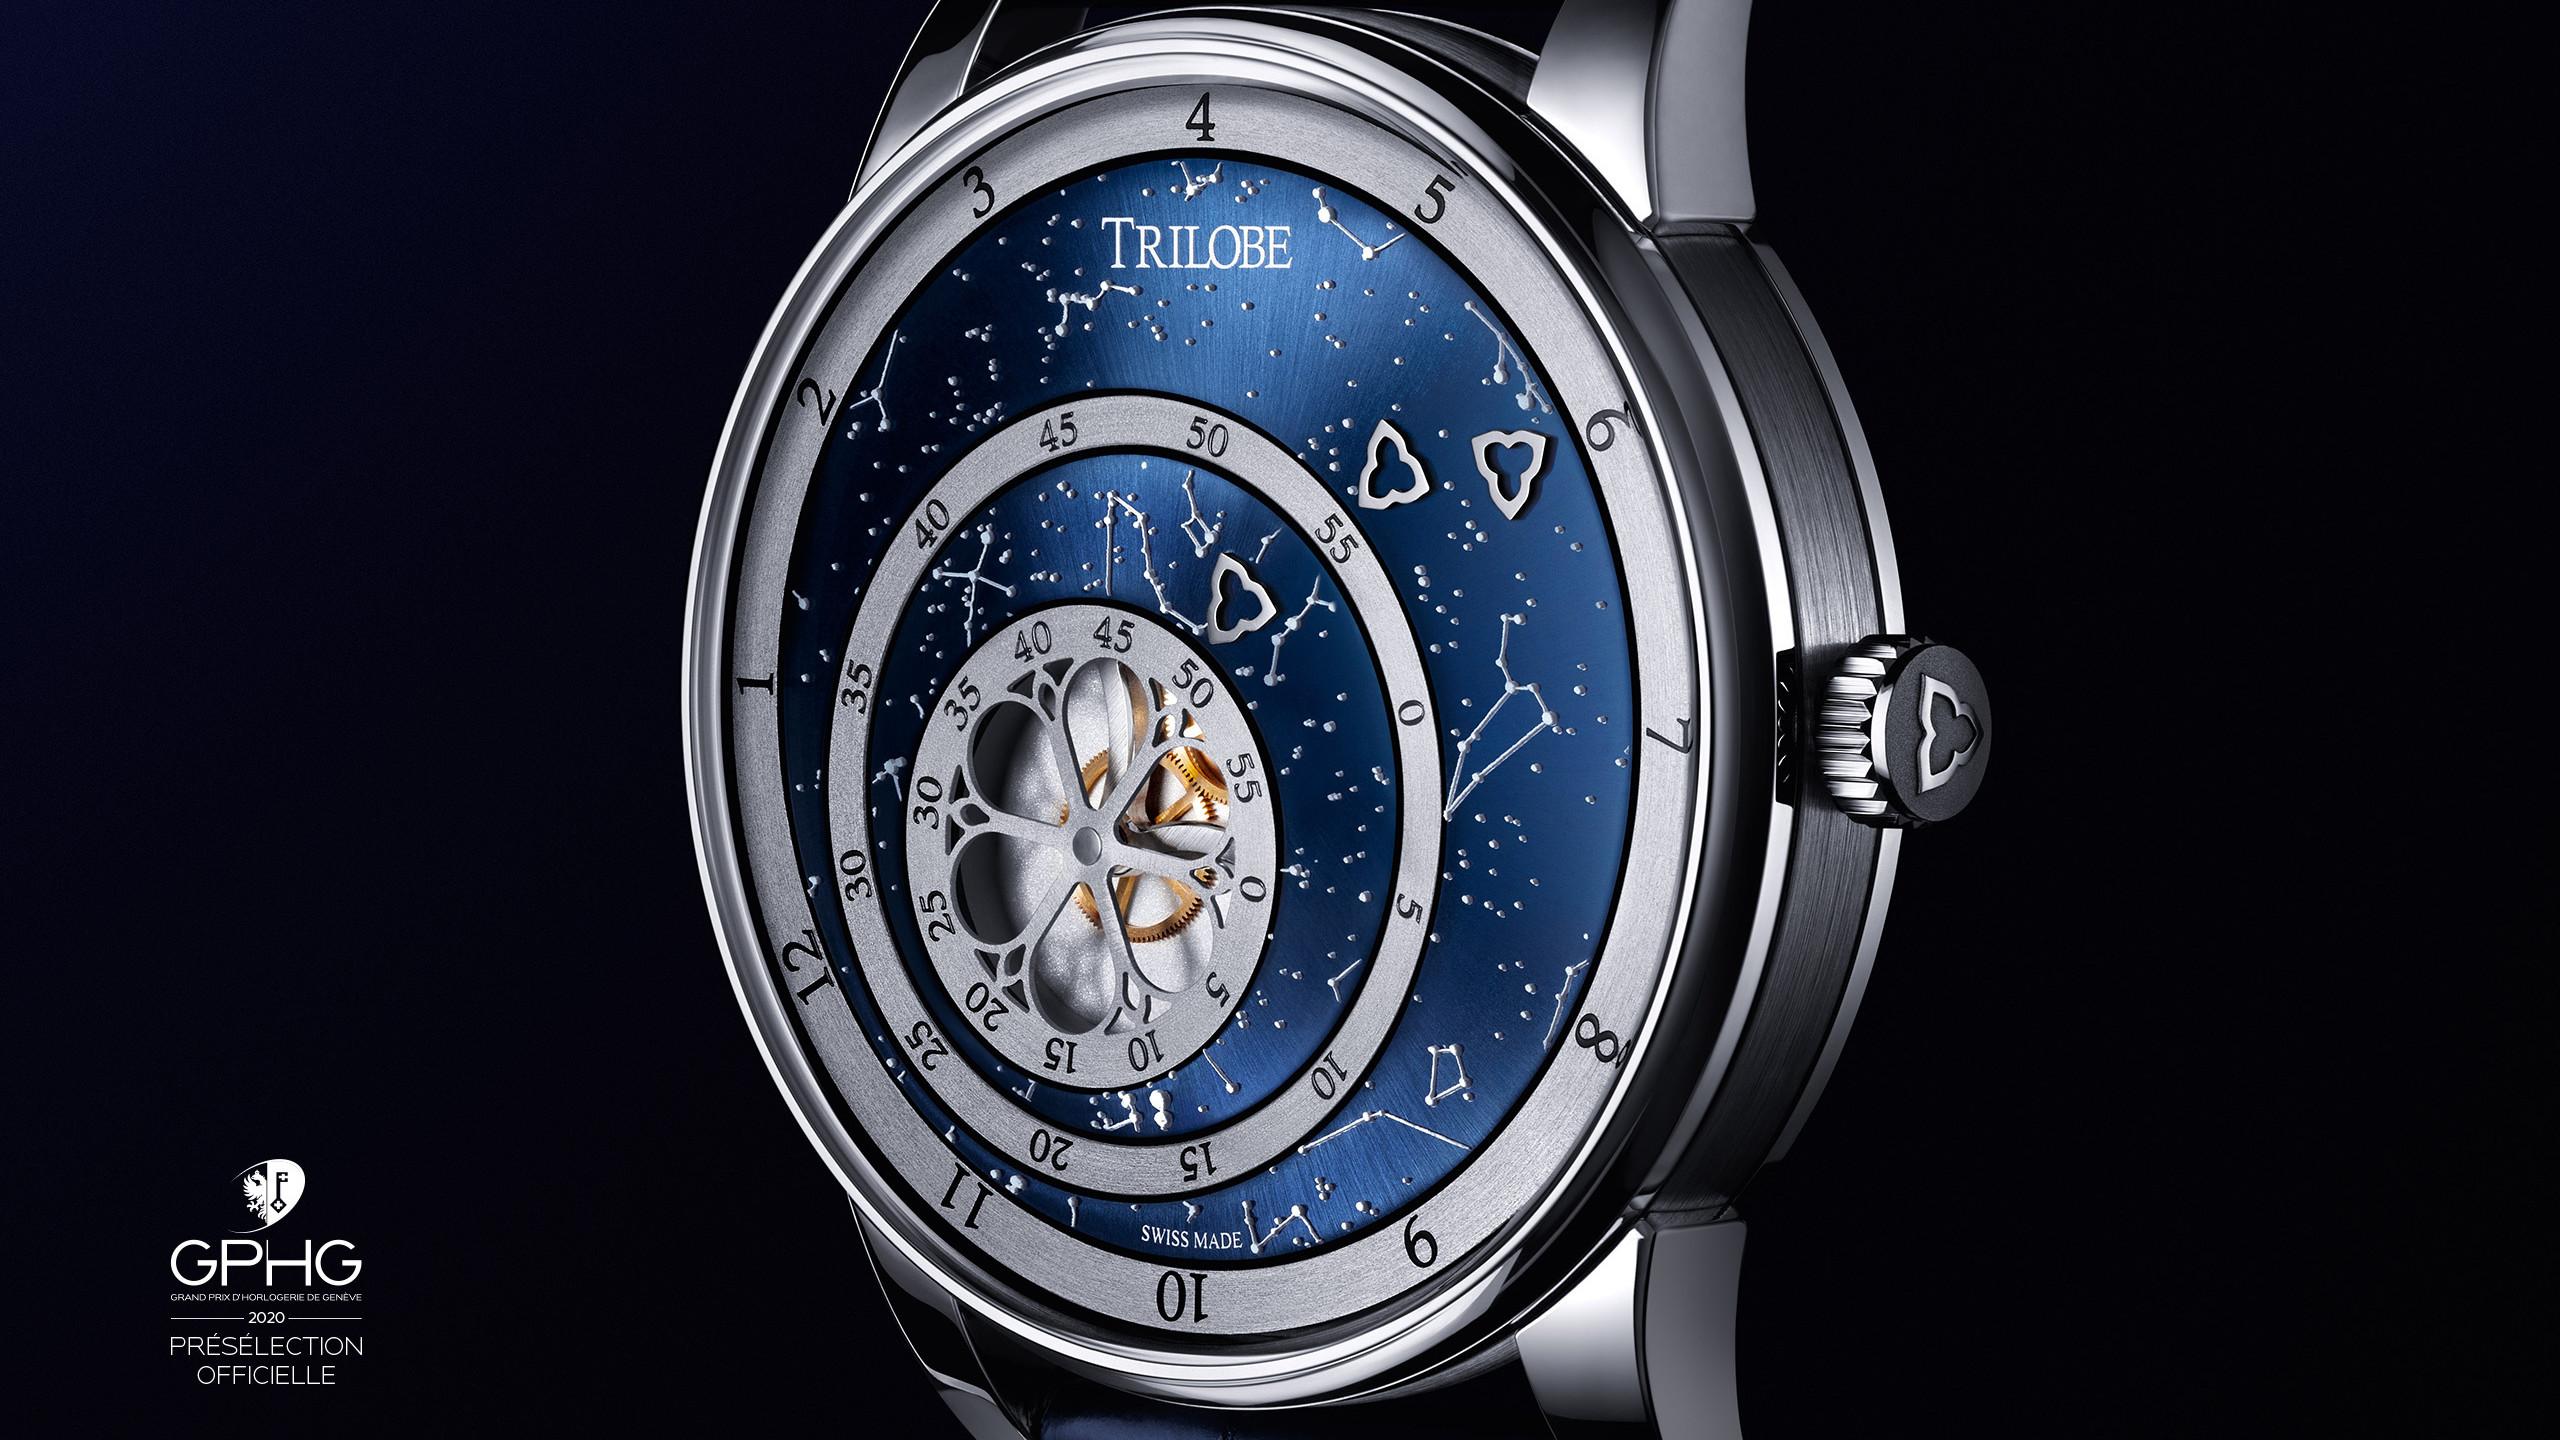 Vue de jour de la montre Secret, une montre automatique Trilobe avec un cadran sur-mesure : une carte du ciel réalisée par croissance 3D de superluminova